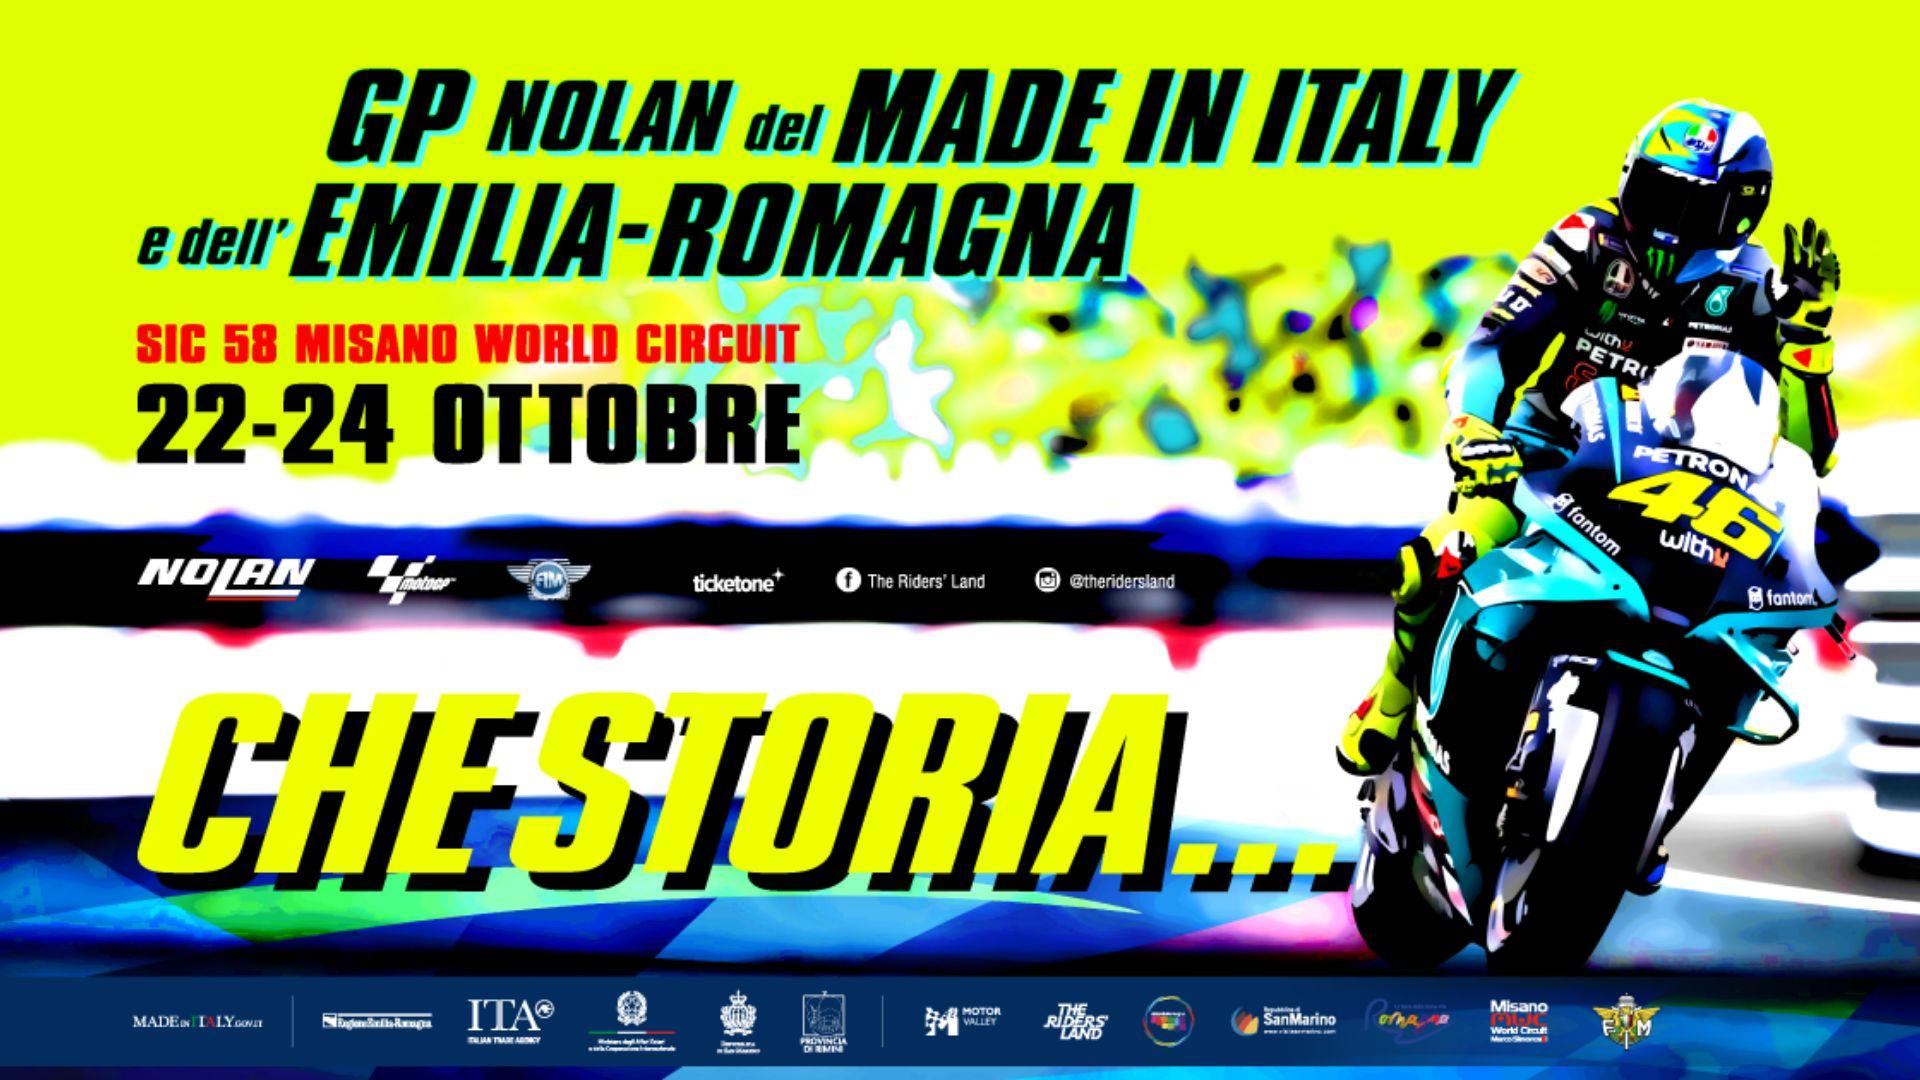 The Misano GP celebrates the myth of Valentino in Aldo Drudi's poster.